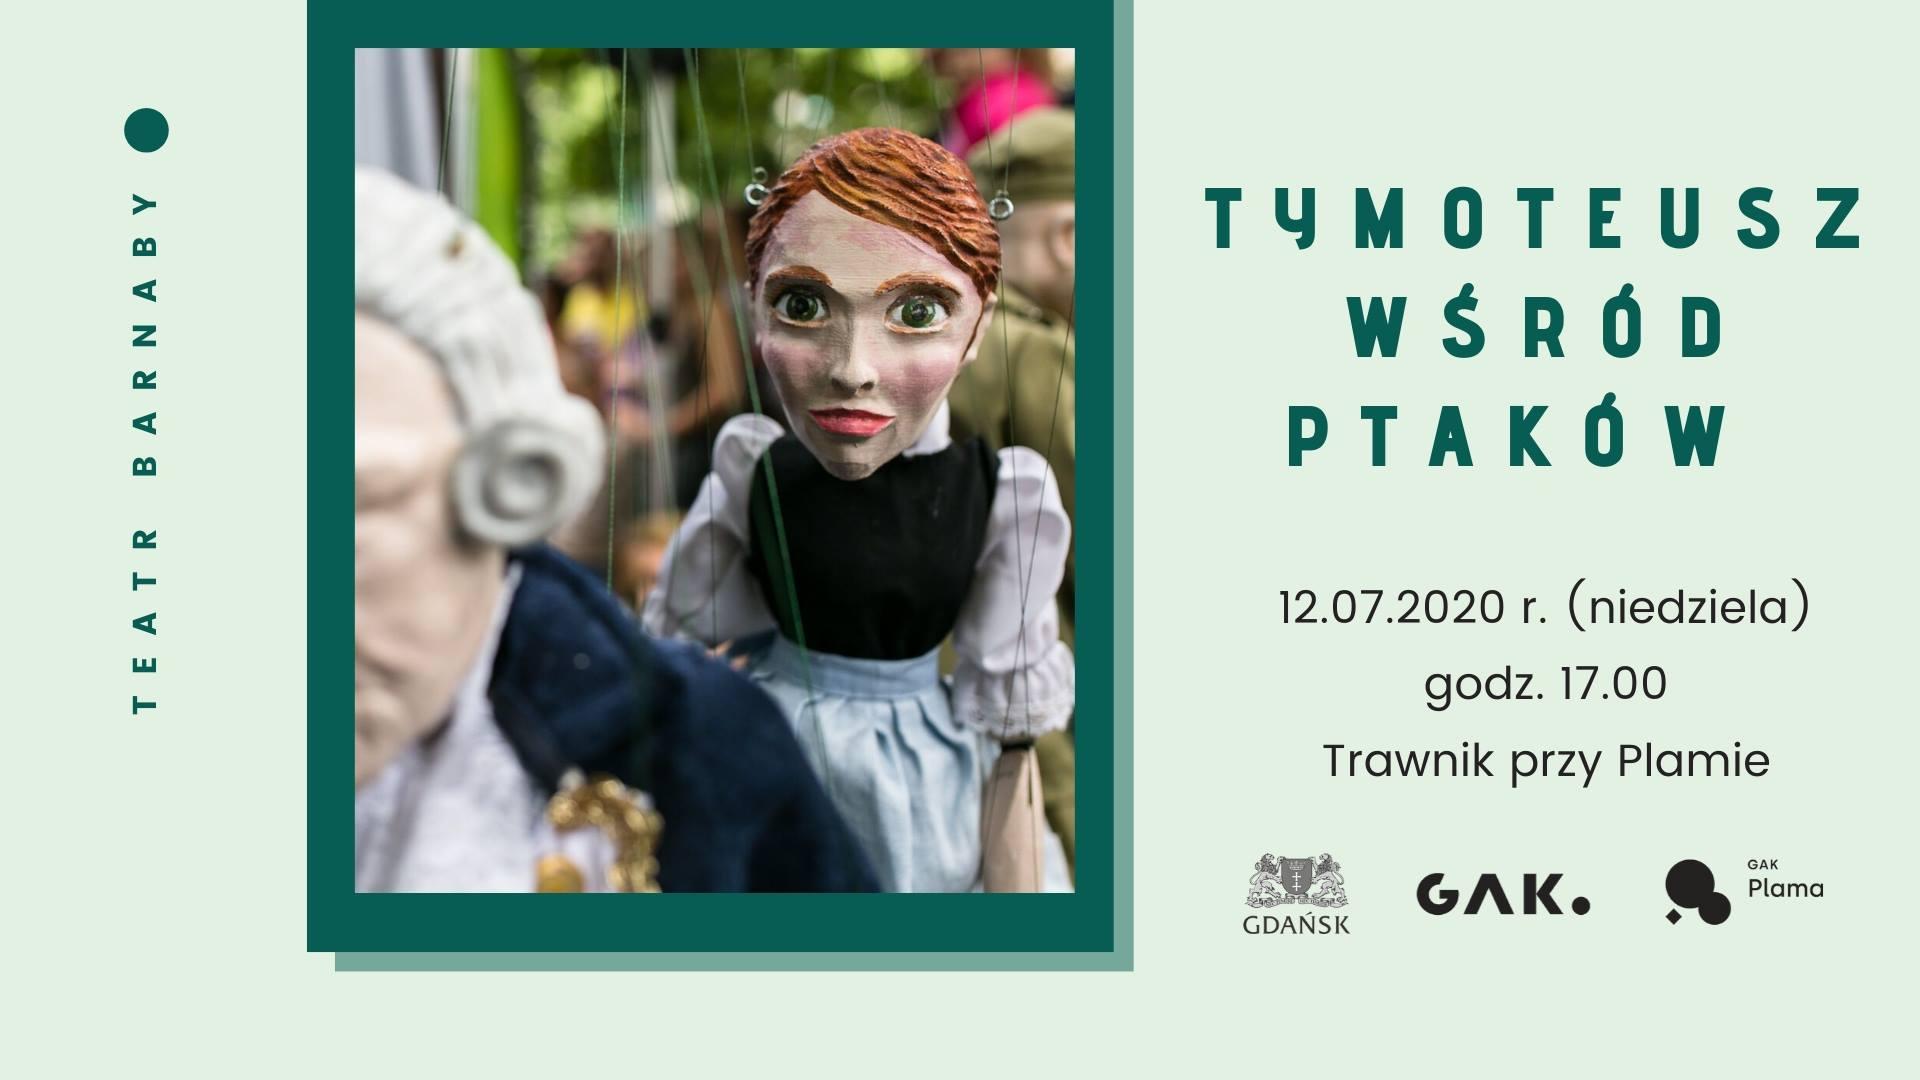 Teatr Barnaby: Tymoteusz wśród ptaków na trawniku przy Plamie GAK